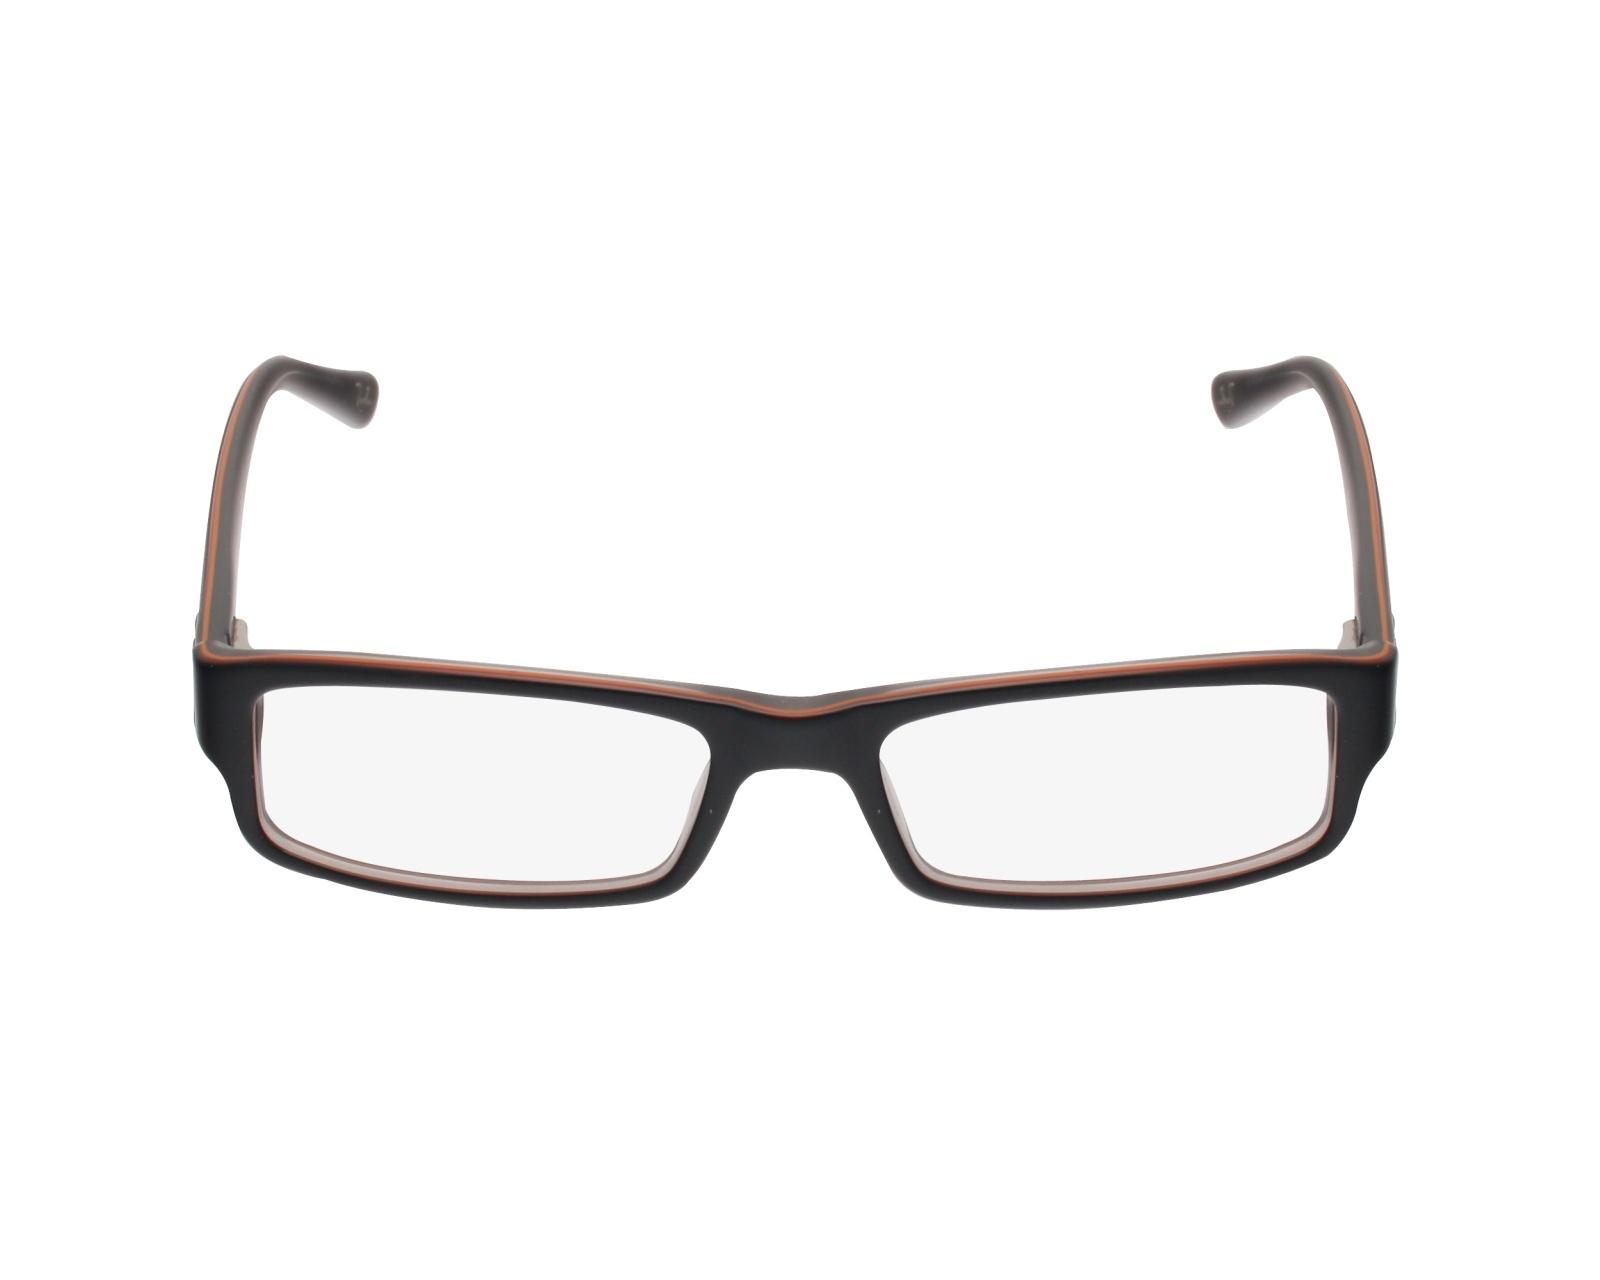 bba9eae004 Brillen Ray-Ban RX-5246 5091 - schwarz orange Profilansicht